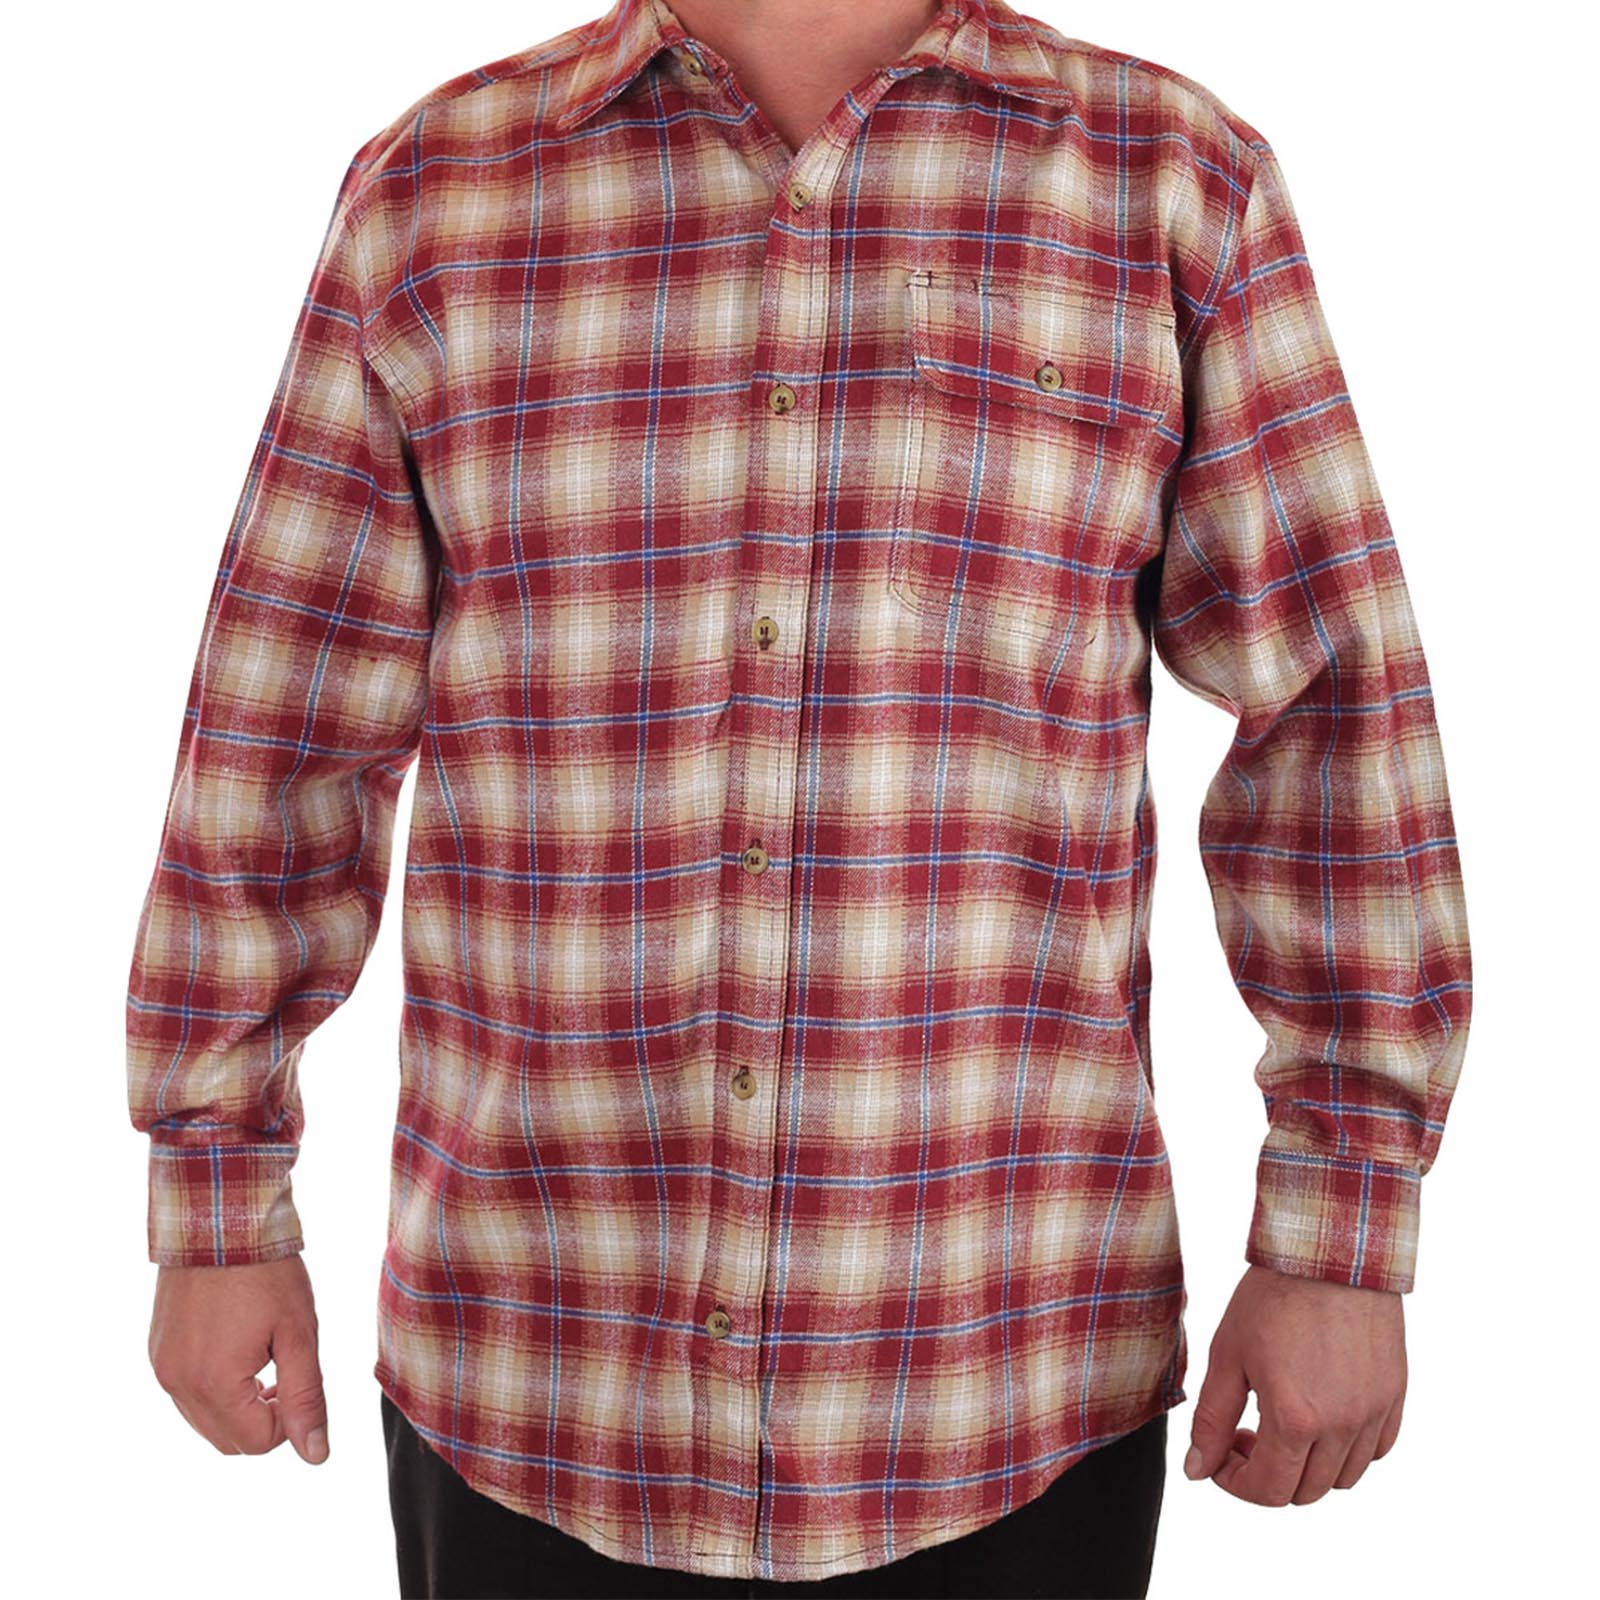 Тренд следующих сезонов! Мужская рубашка-клетка Old Mill